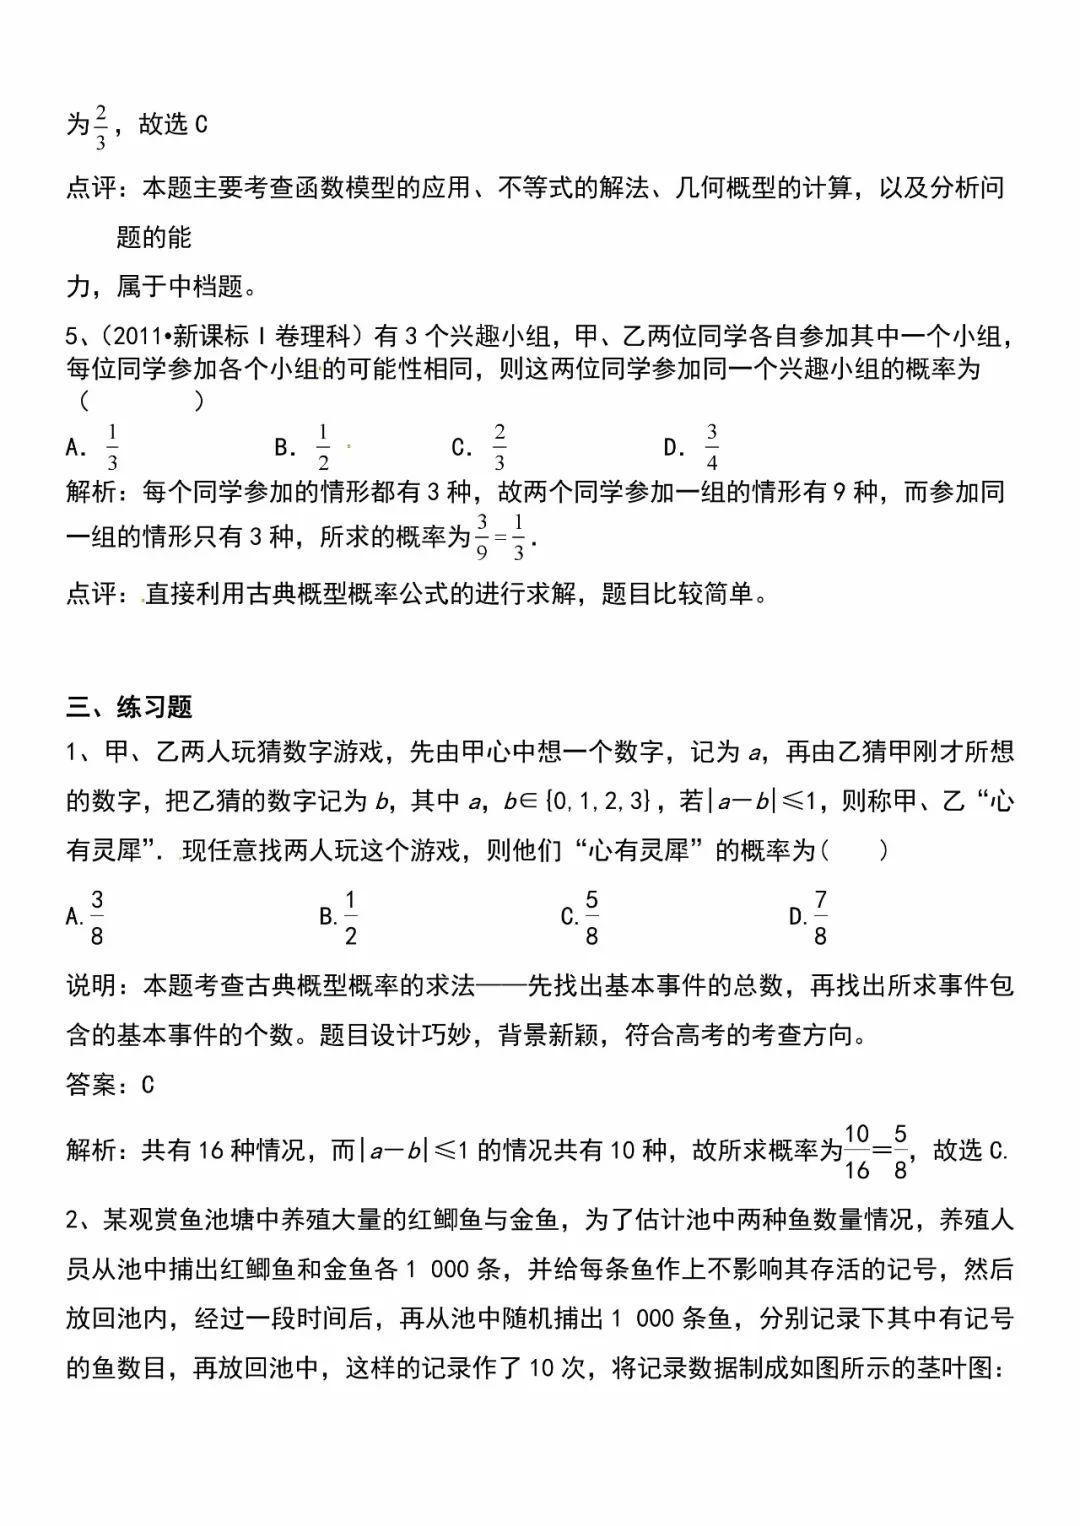 2019高考数学复习资料,古典概型...